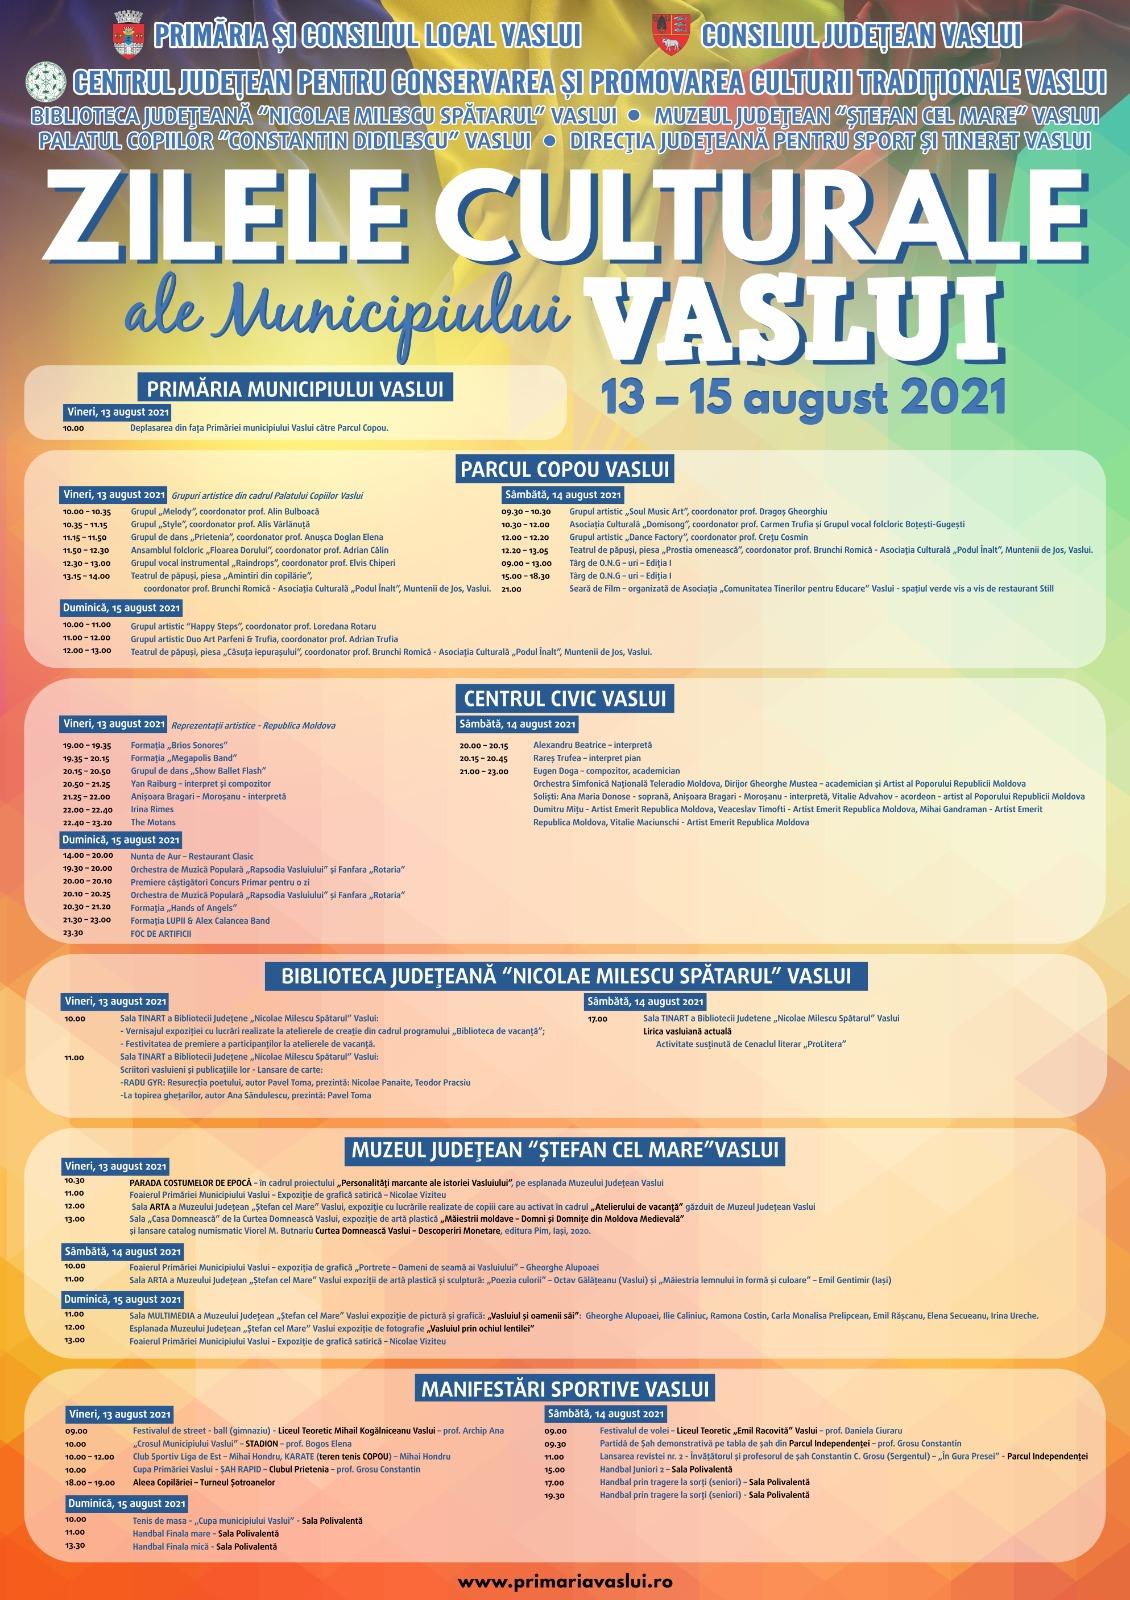 Programul complet al Zilelor Culturale ale Vasluiului